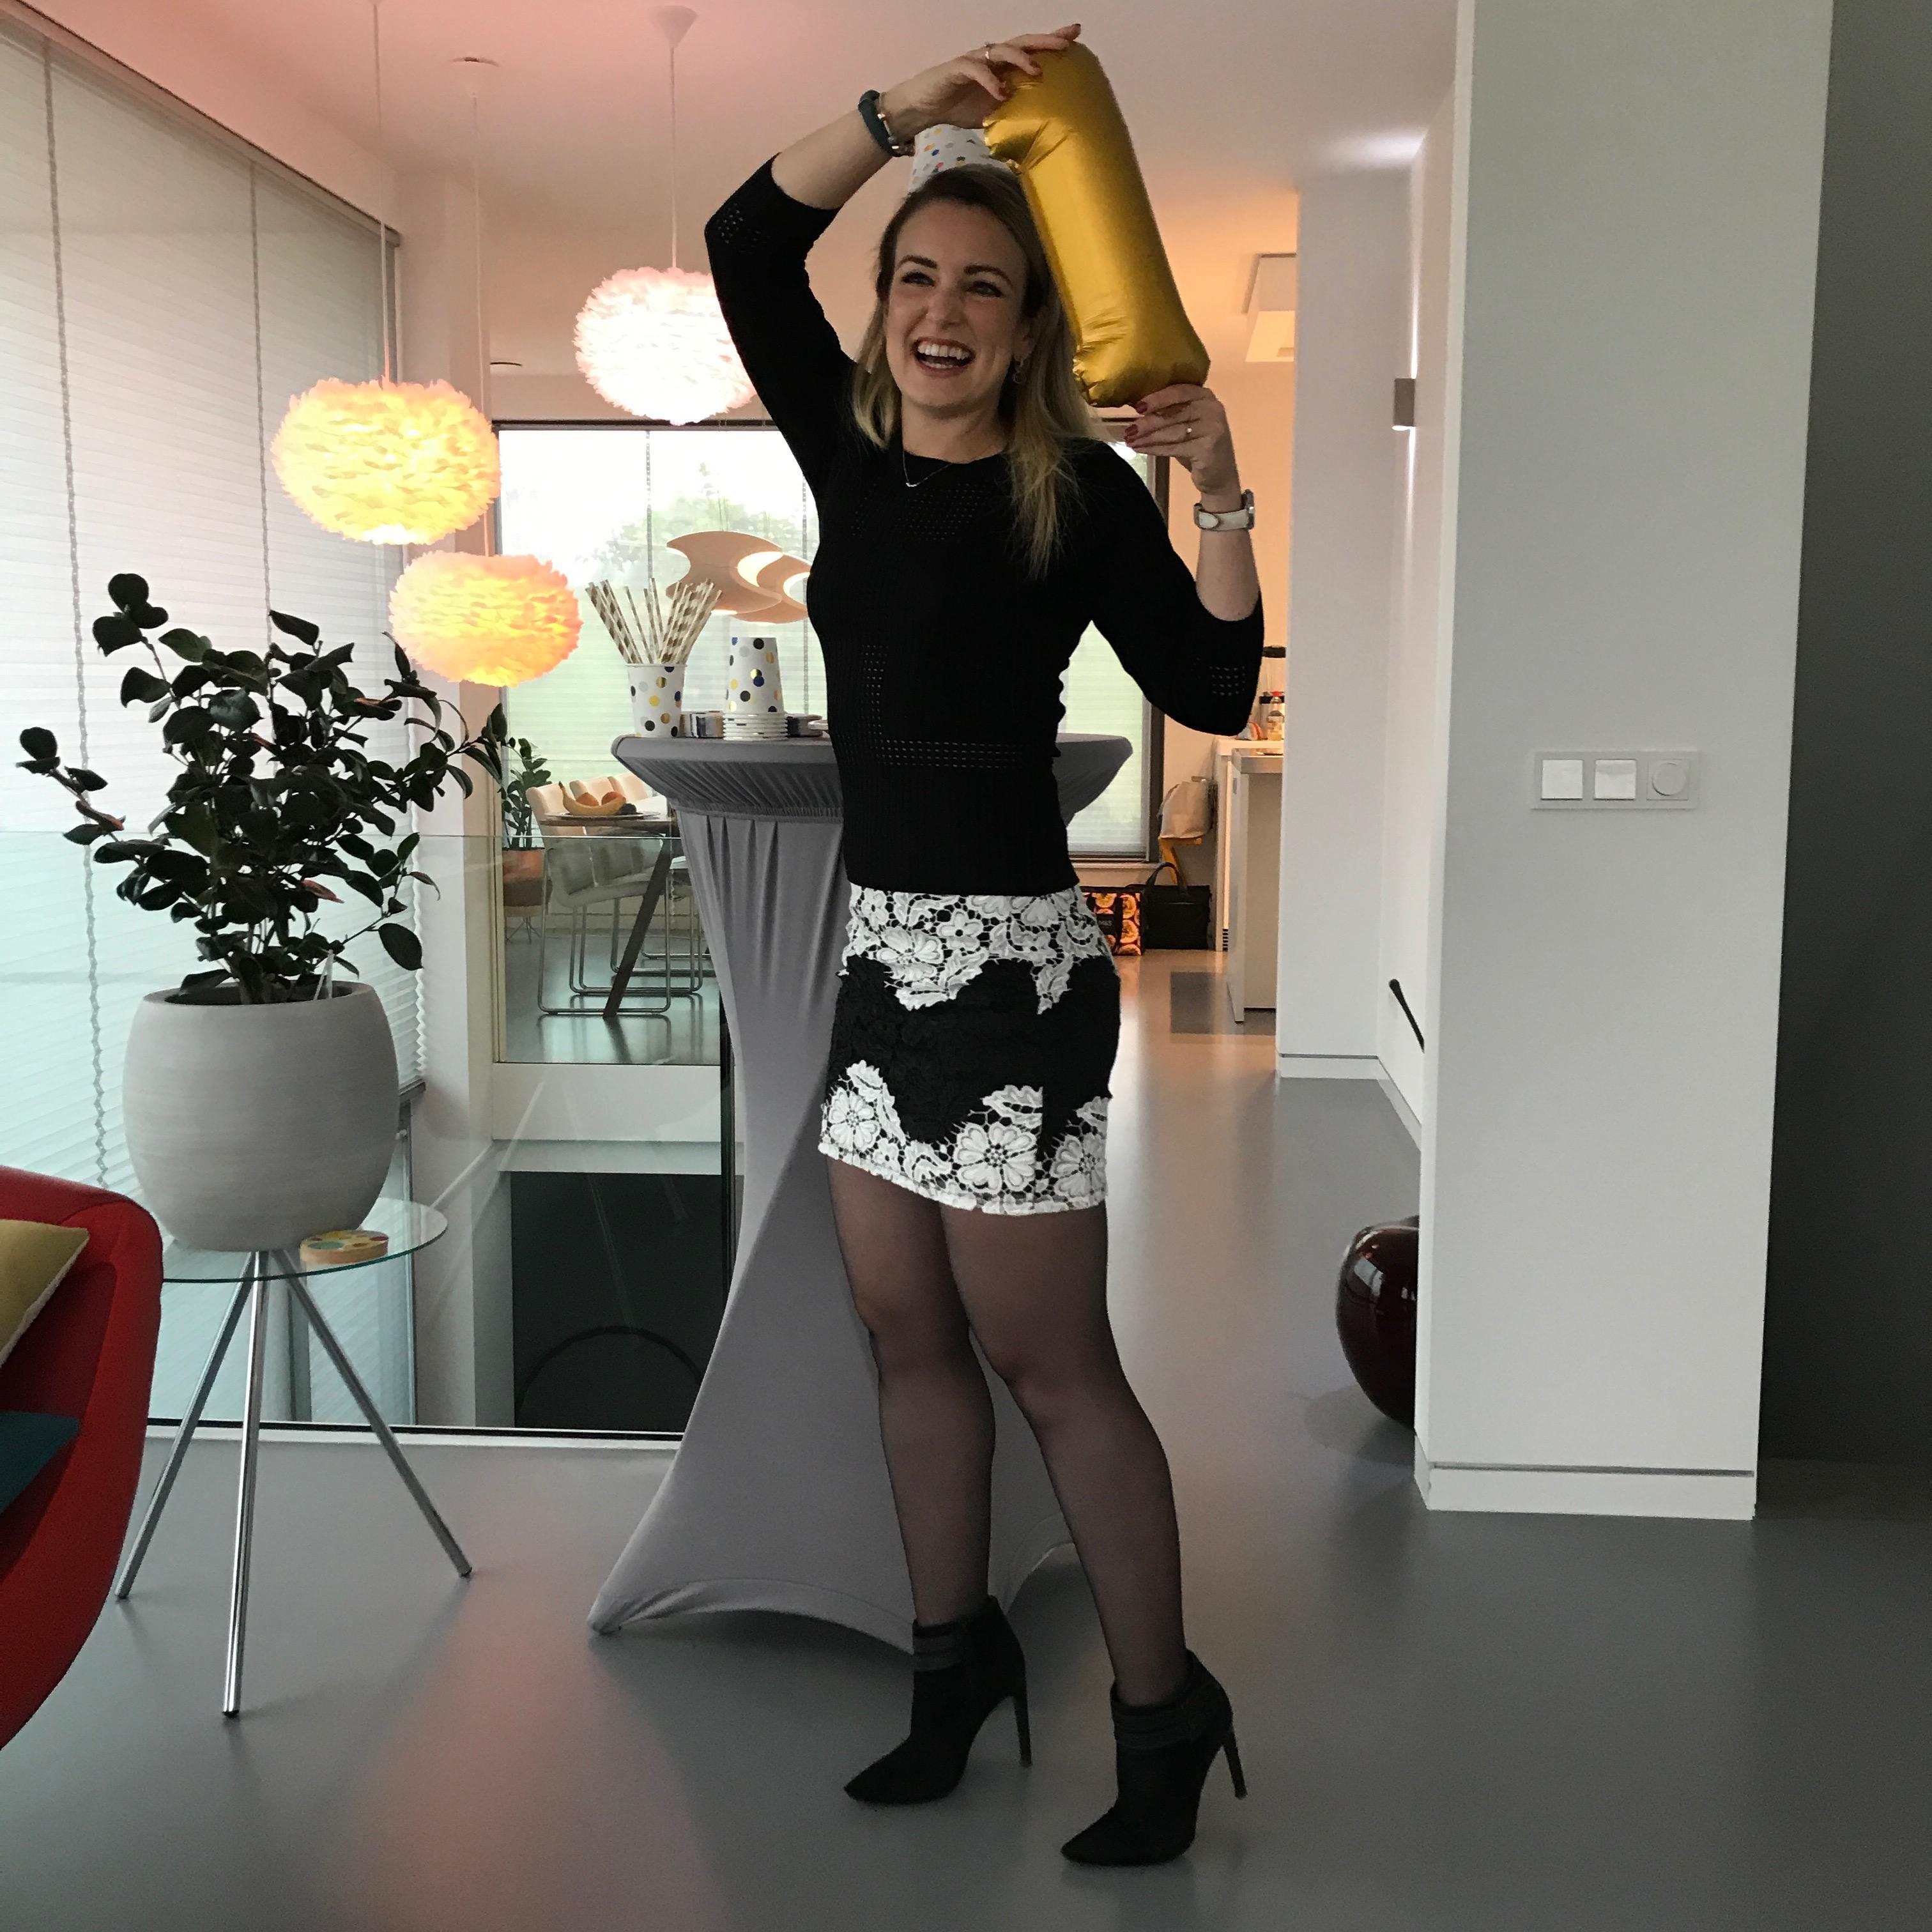 Een jaar ondernemer: wat heb ik geleerd?